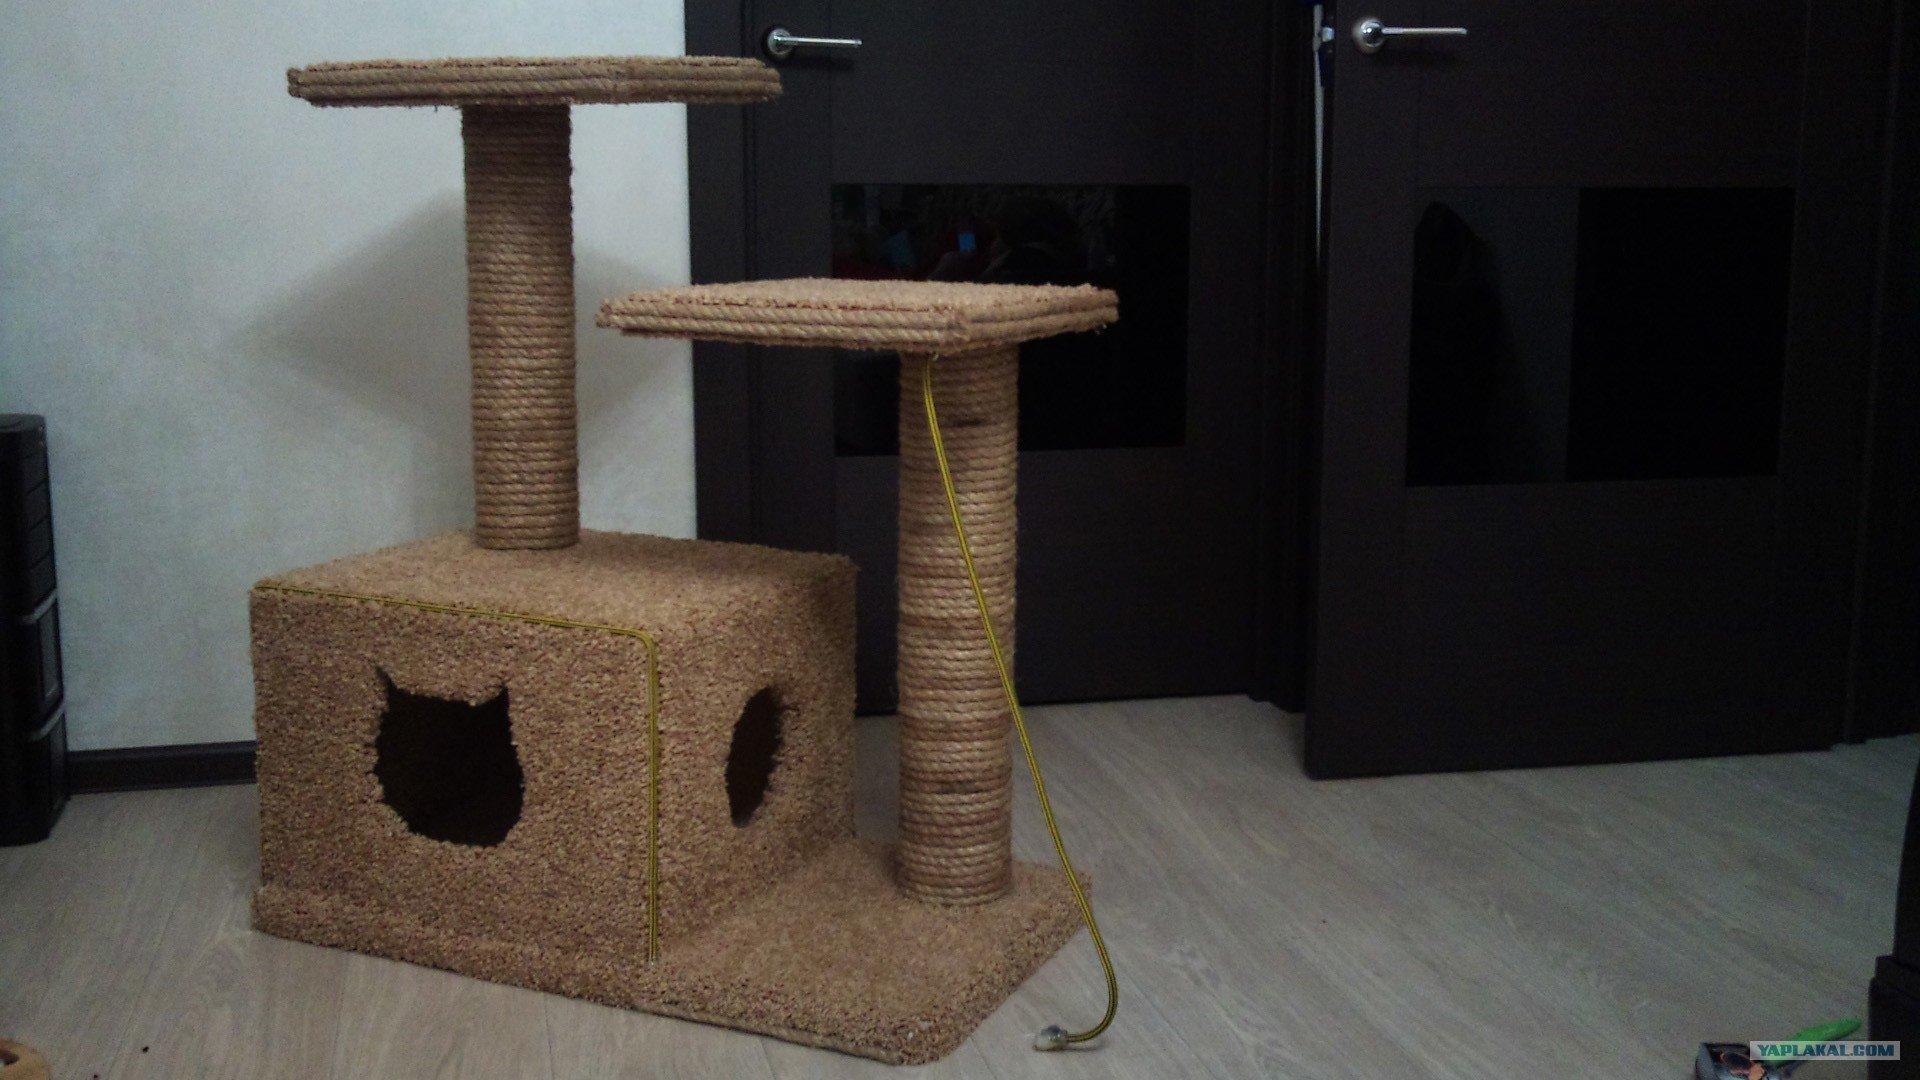 Домик для кошки своими руками: фото, чертежи, схемы, видео домик для кошки своими руками: фото, чертежи, схемы, видео